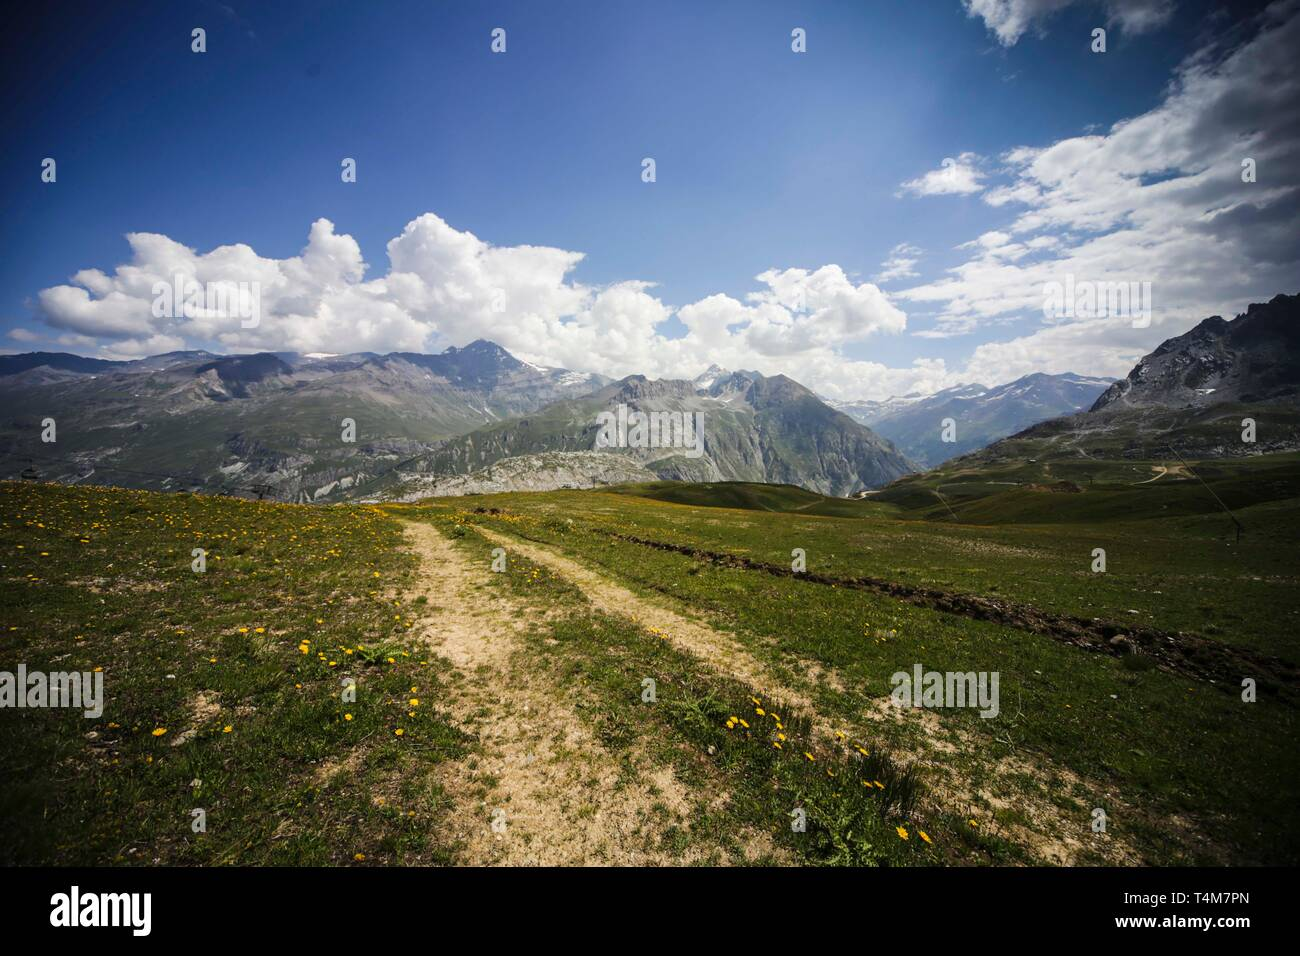 Atemberaubende Ausblicke auf die Landschaft der Berge im Sommer, Tignes, Frankreich Stockfoto